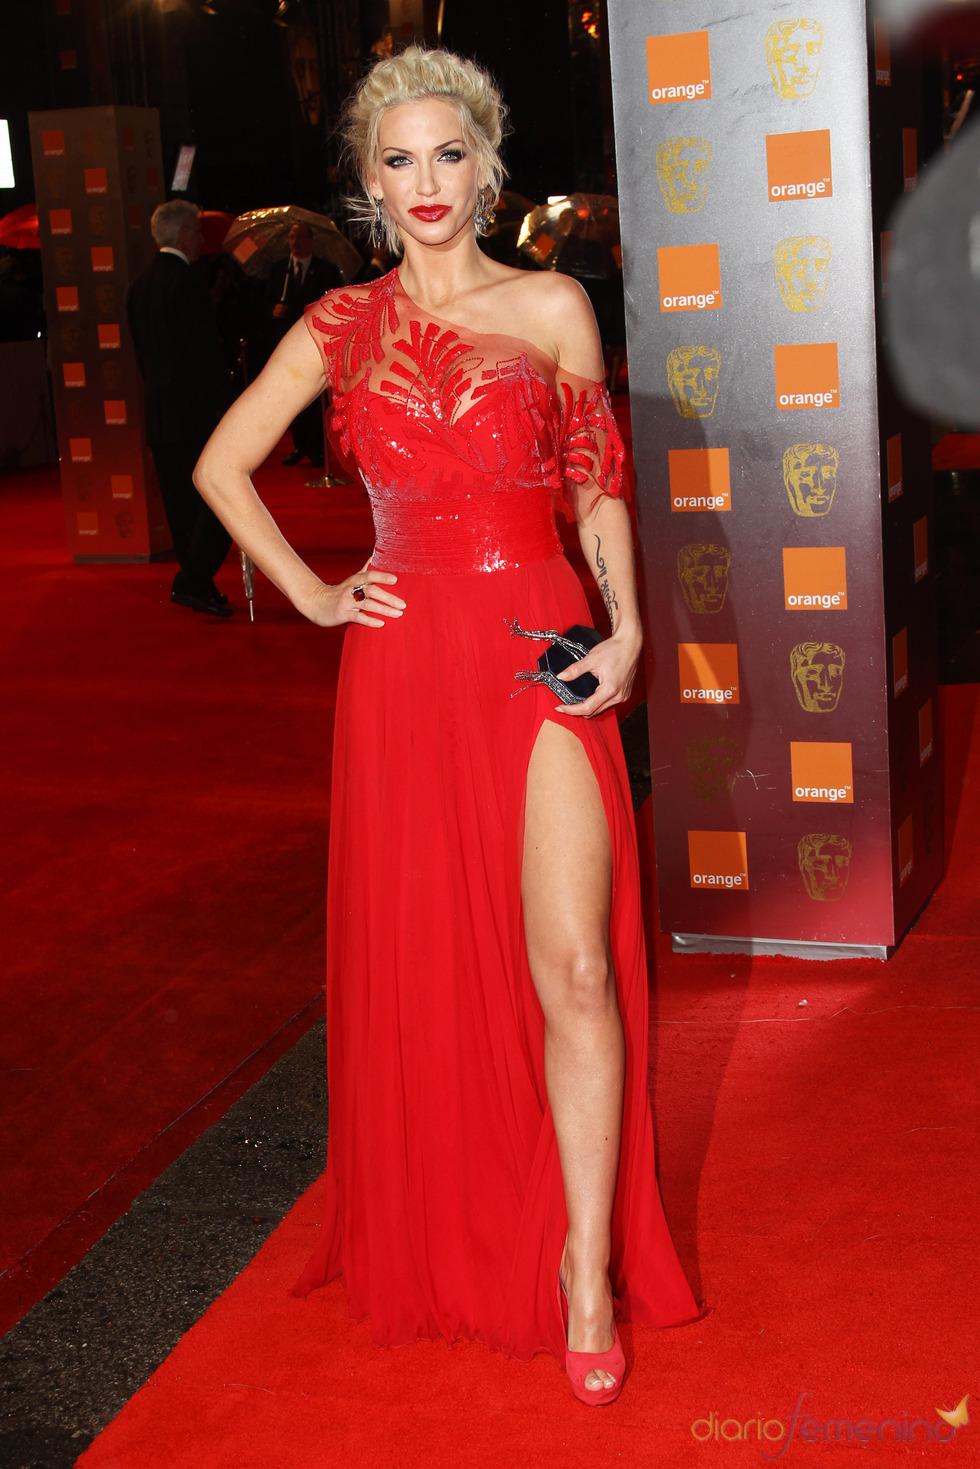 Sarah Harding en la Alfombra roja de los Bafta 2011